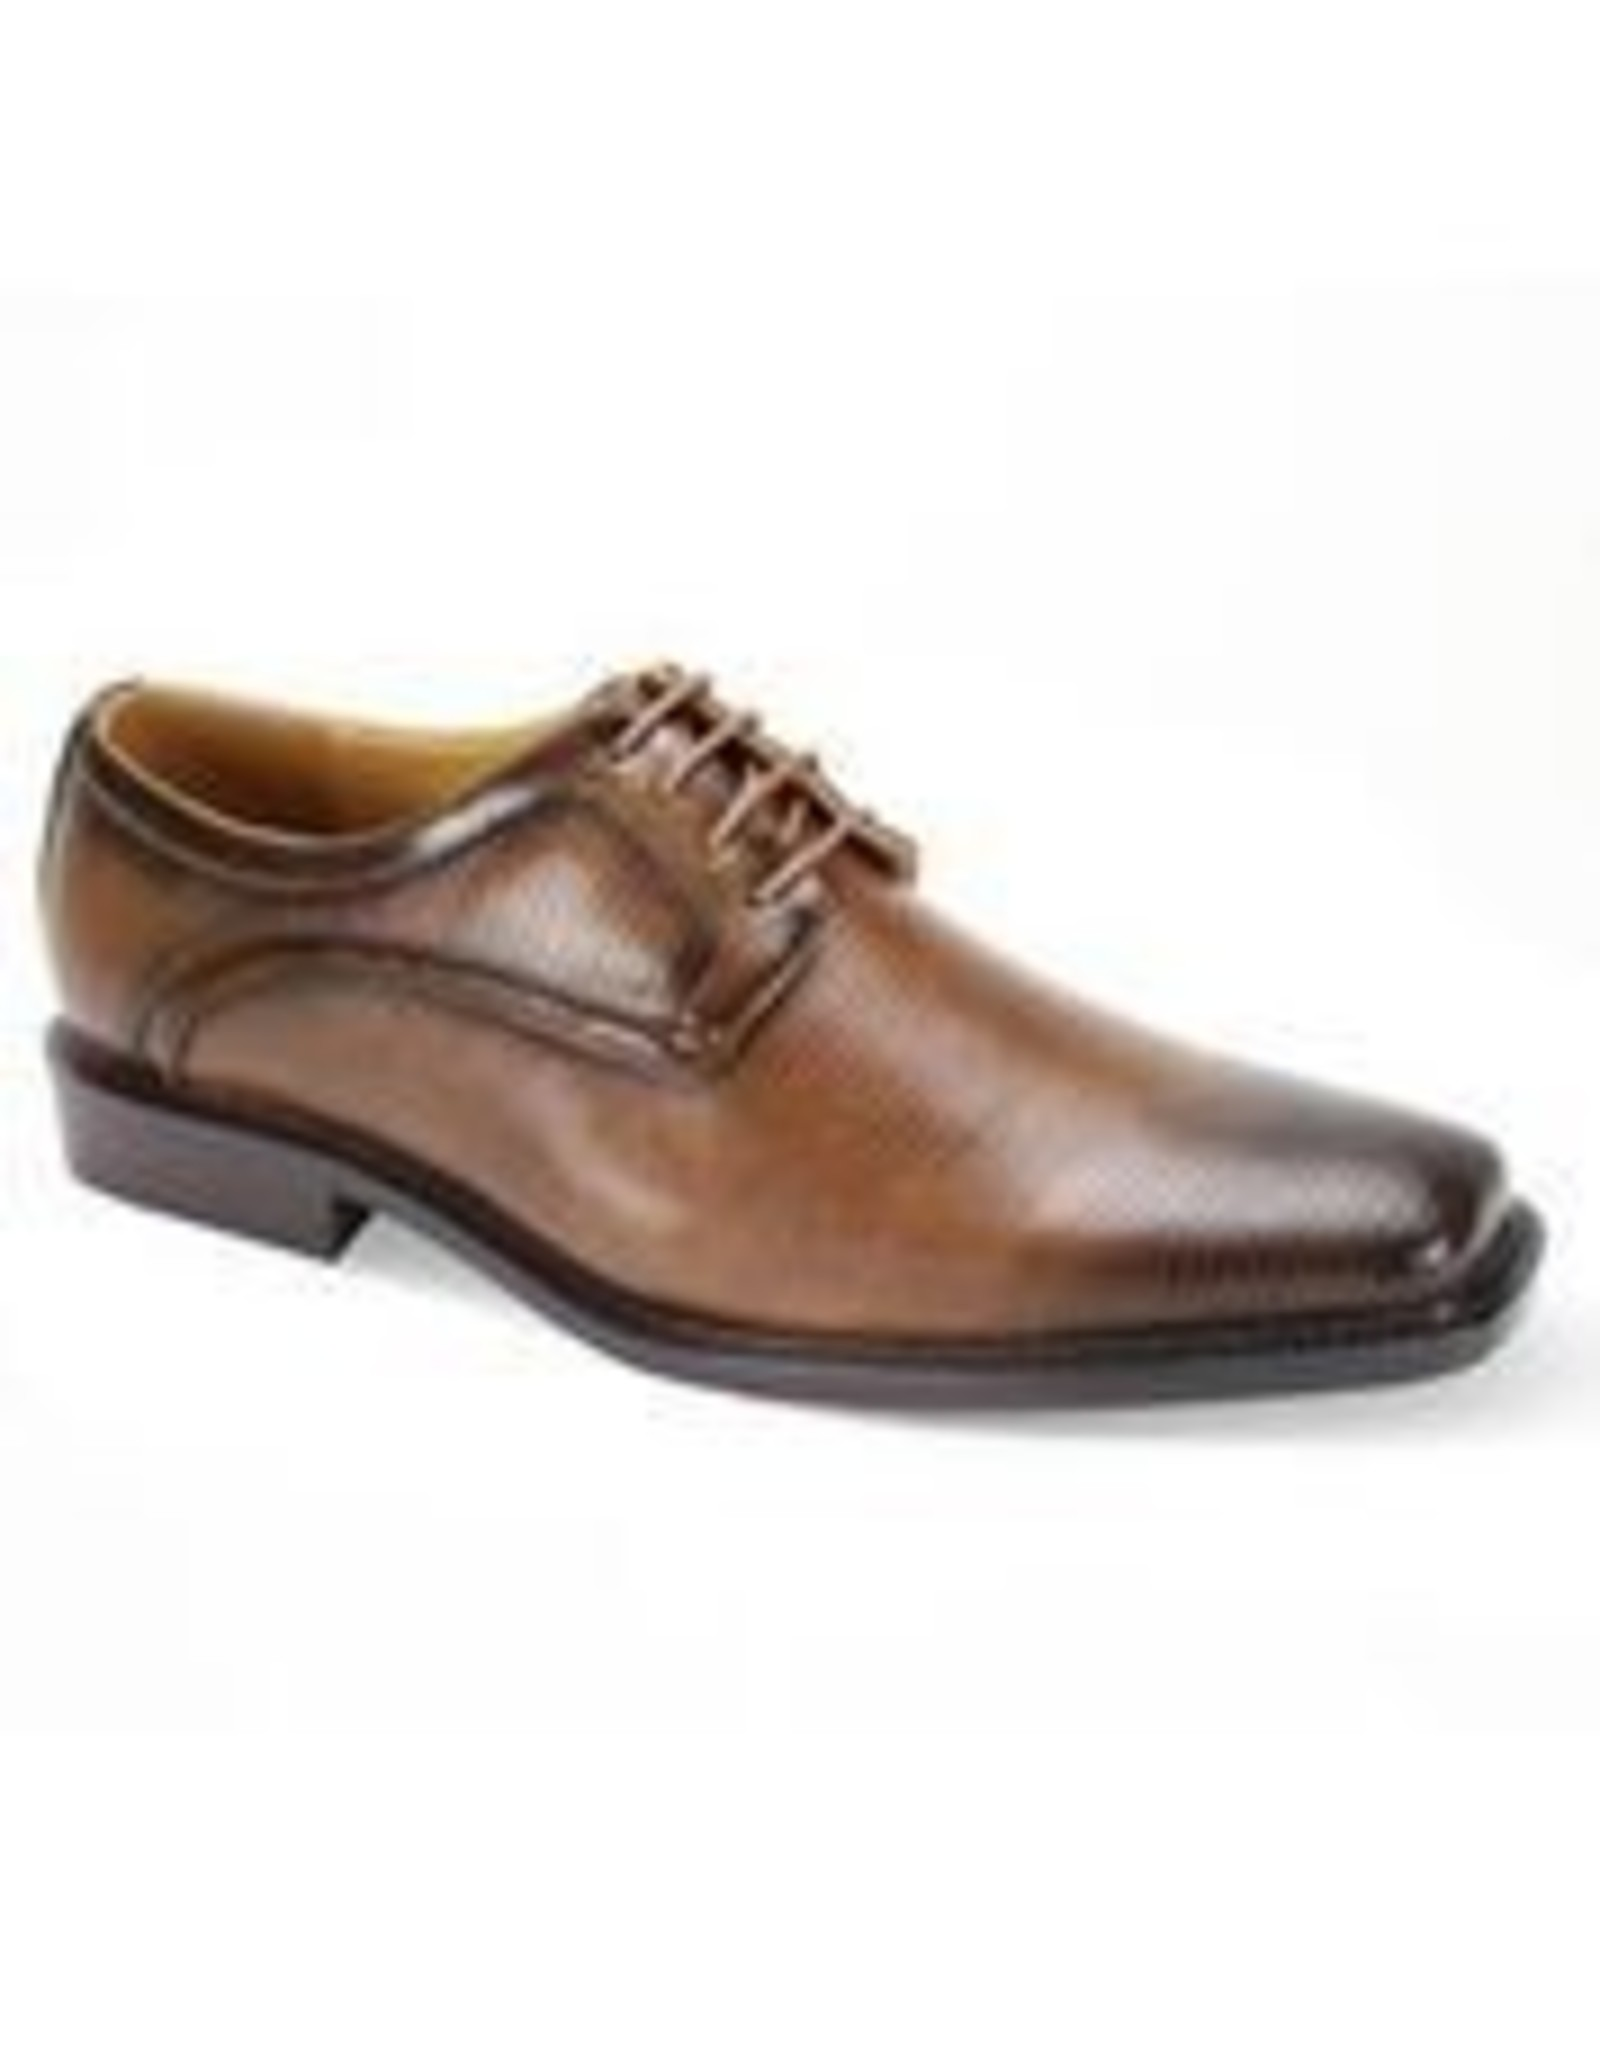 Antonio Cerrelli Antonio Cerrelli 6792 Wide Dress Shoe - Tan